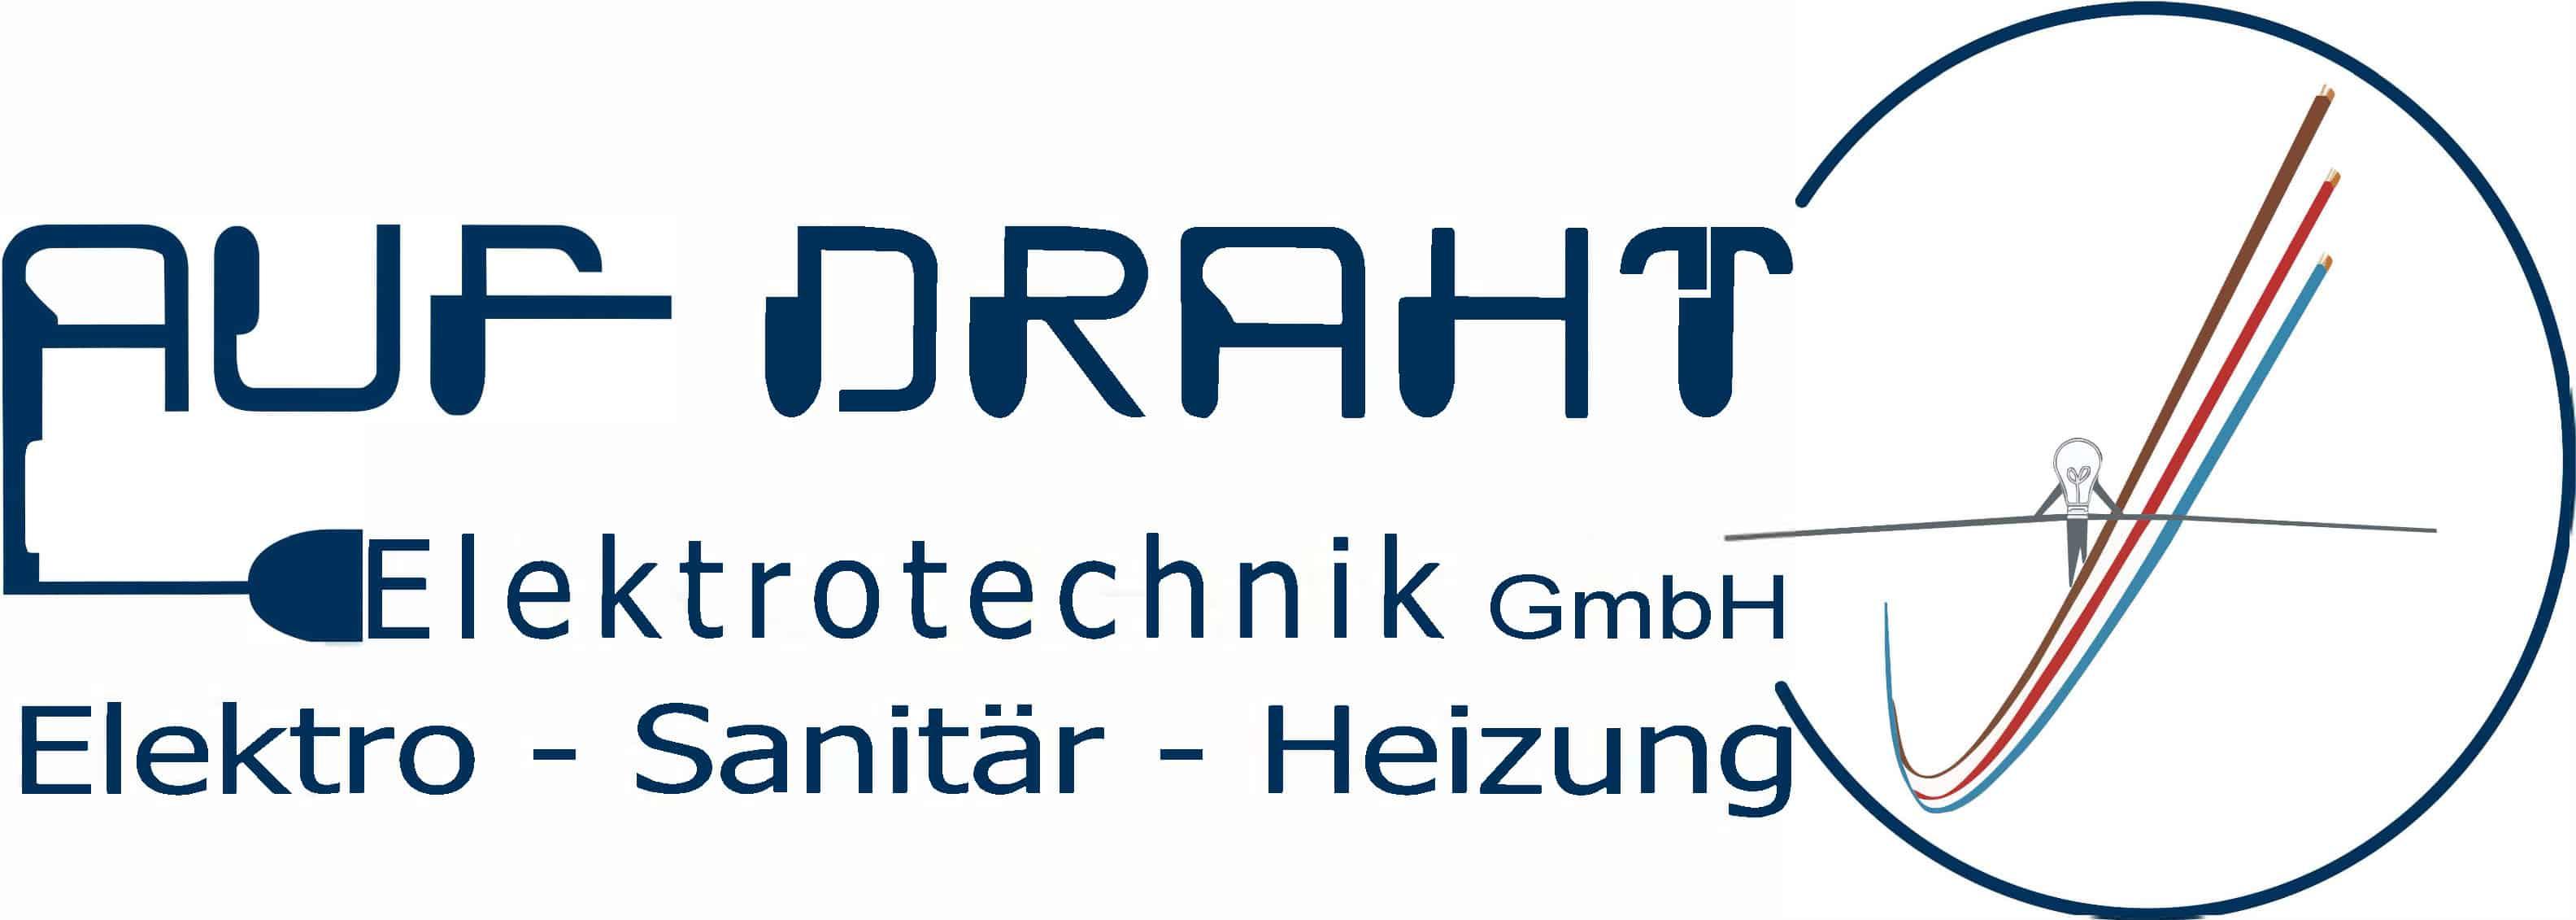 Unternehmertreffen Nordwest Logo Auf Draht Elektrotechnik